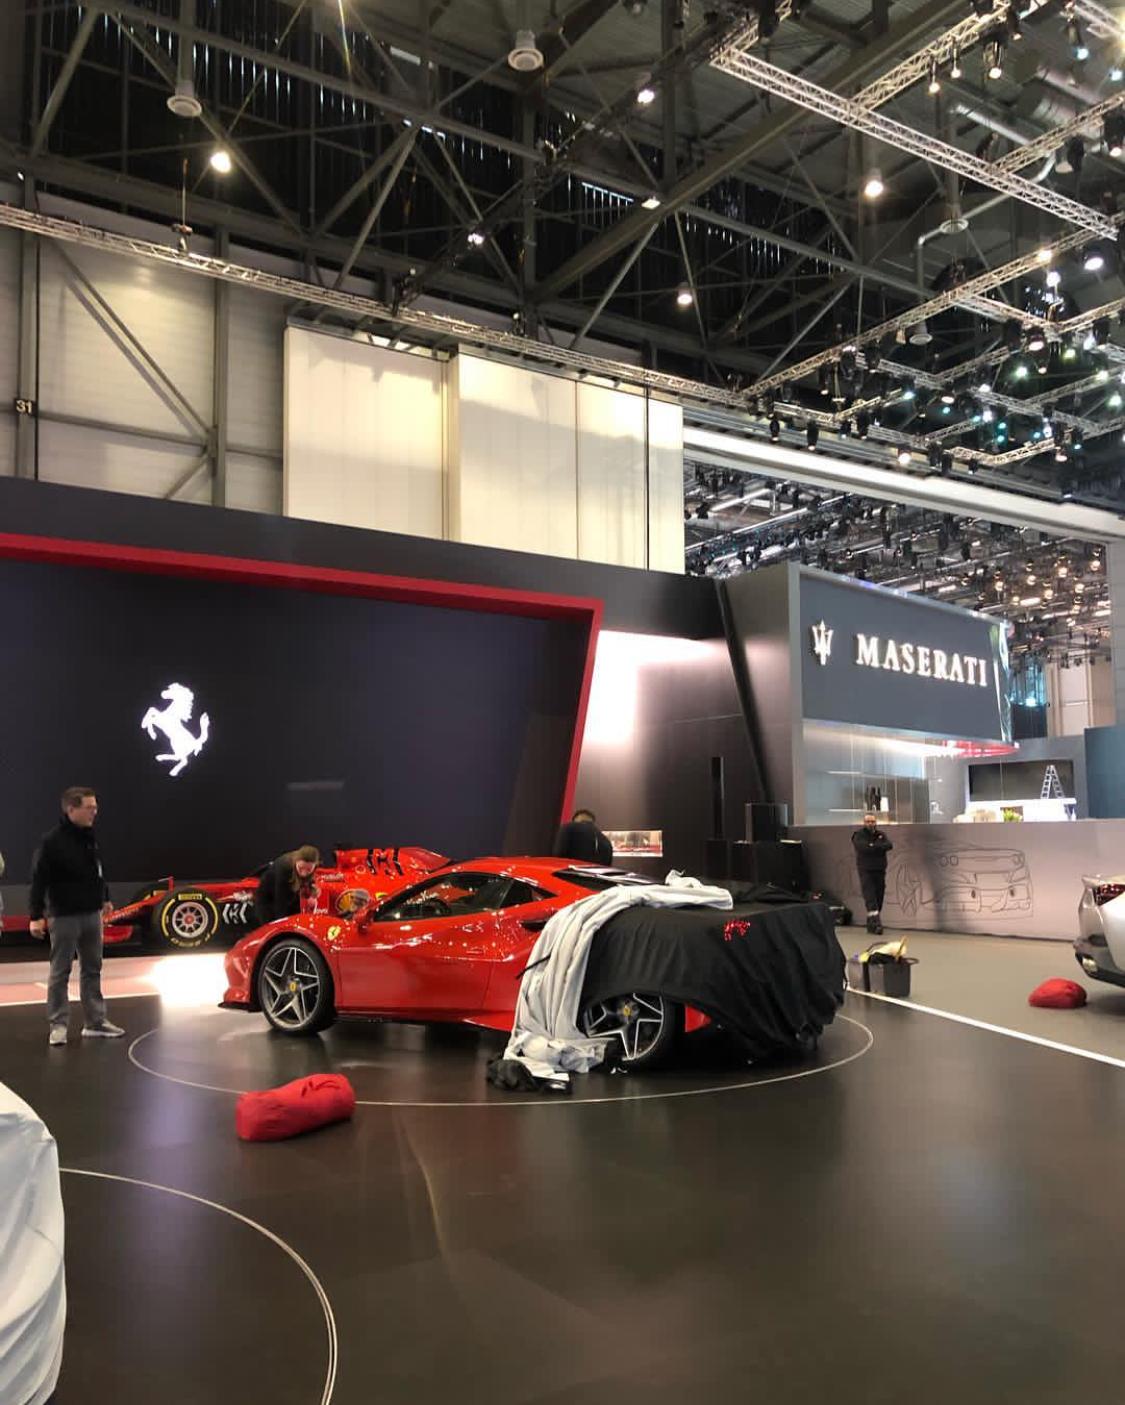 F8 Tributo Interior: Ferrari F8 Tributo